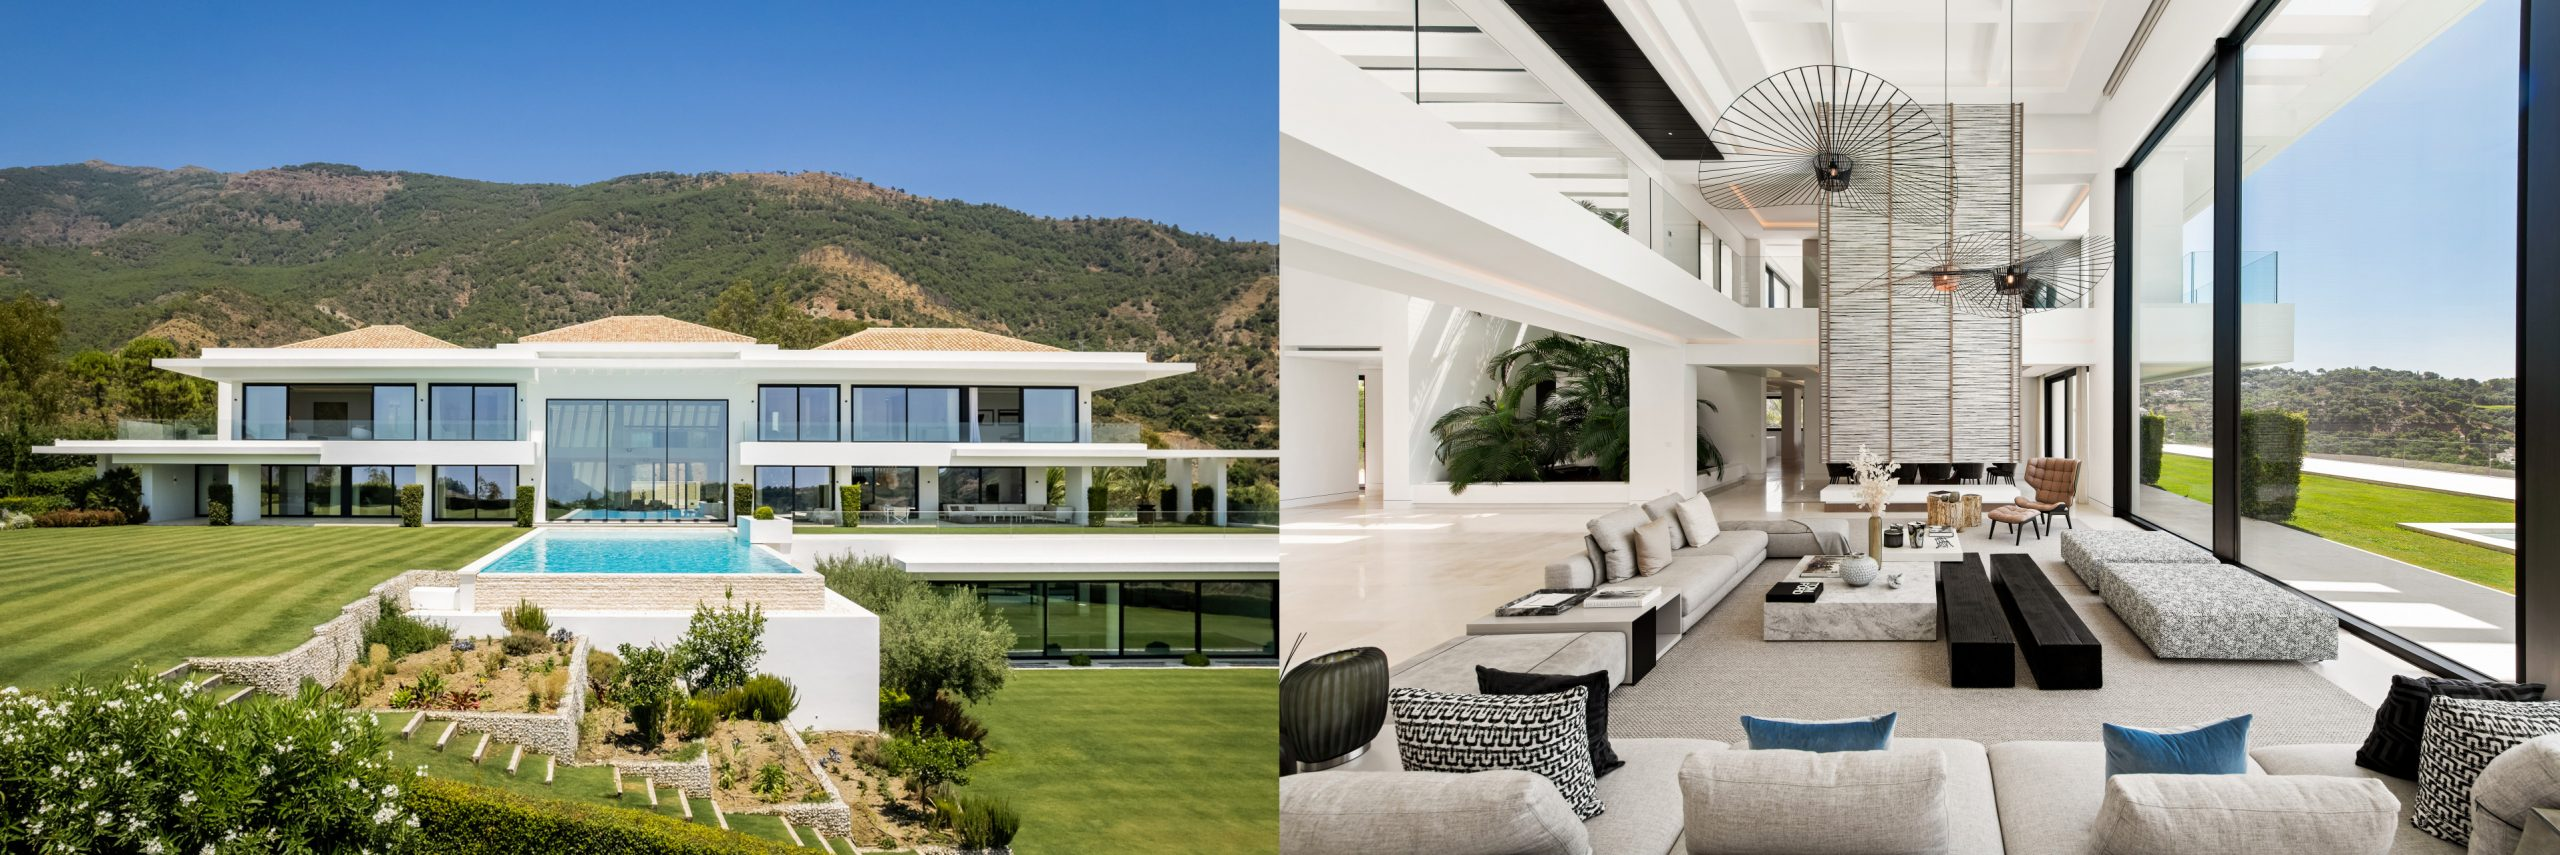 Villa Ibiza Breeze in La Zagaleta, Marbella